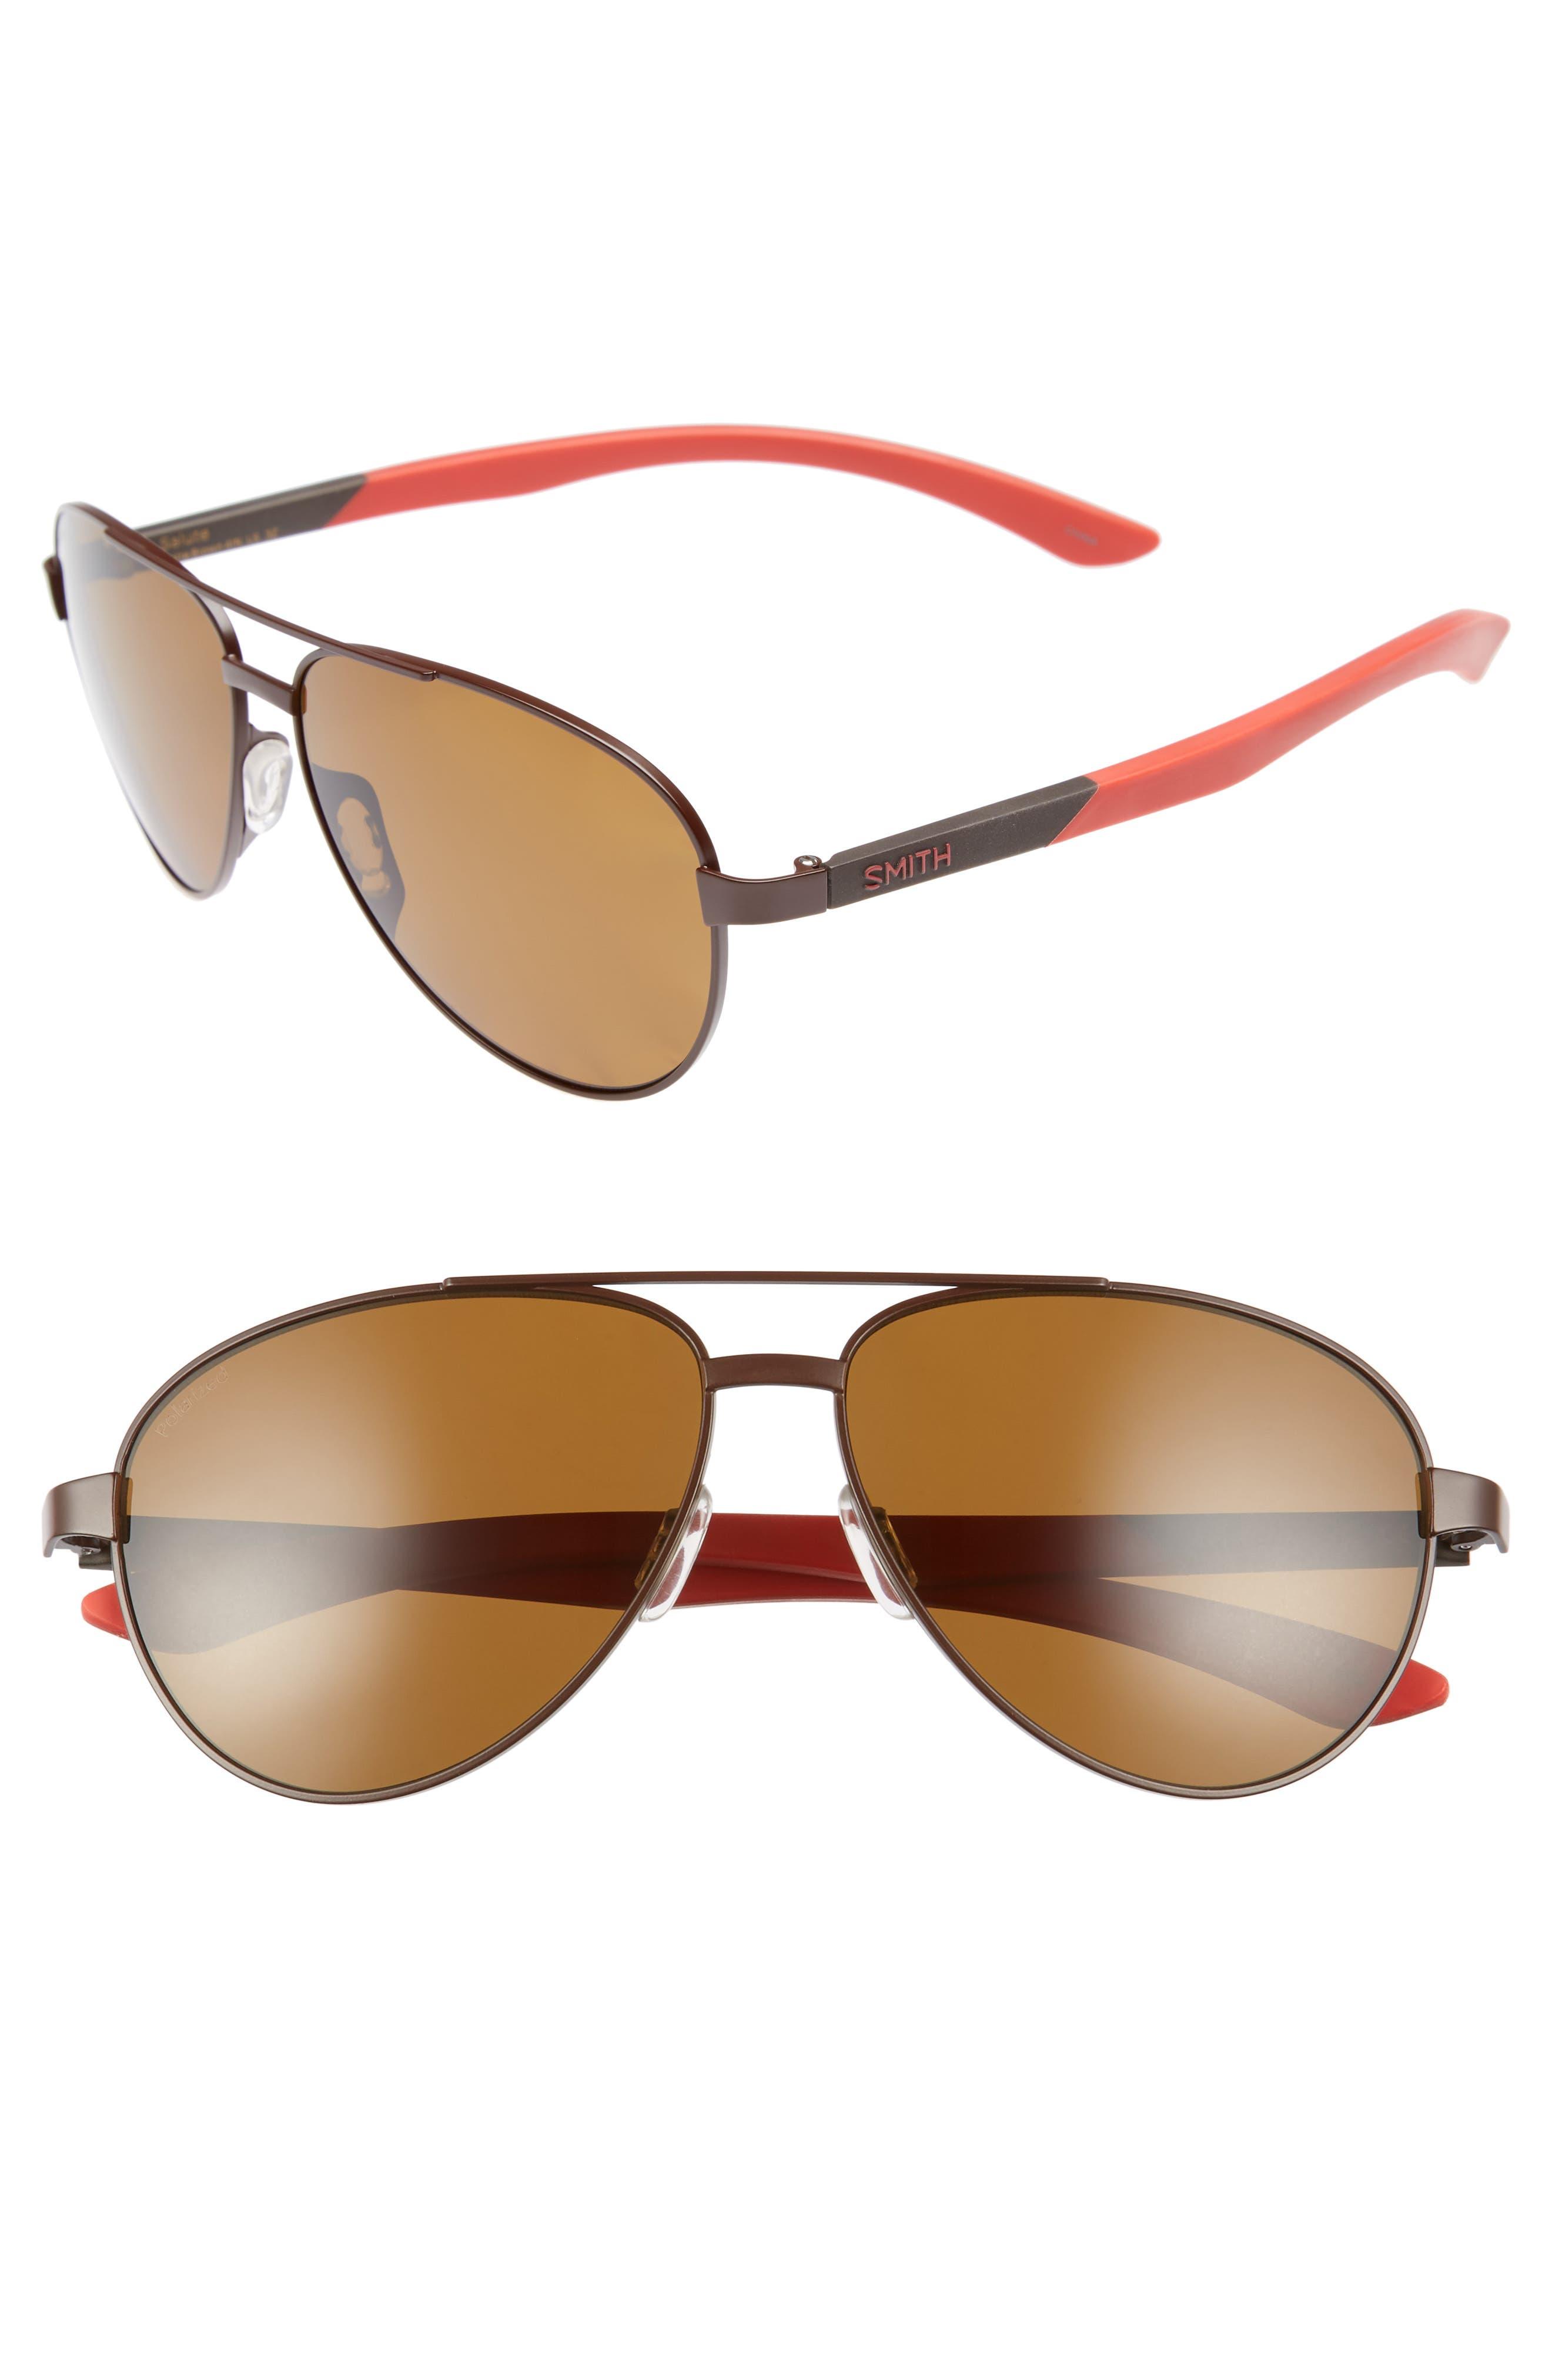 Salute 59mm Polarized Aviator Sunglasses,                         Main,                         color, 200